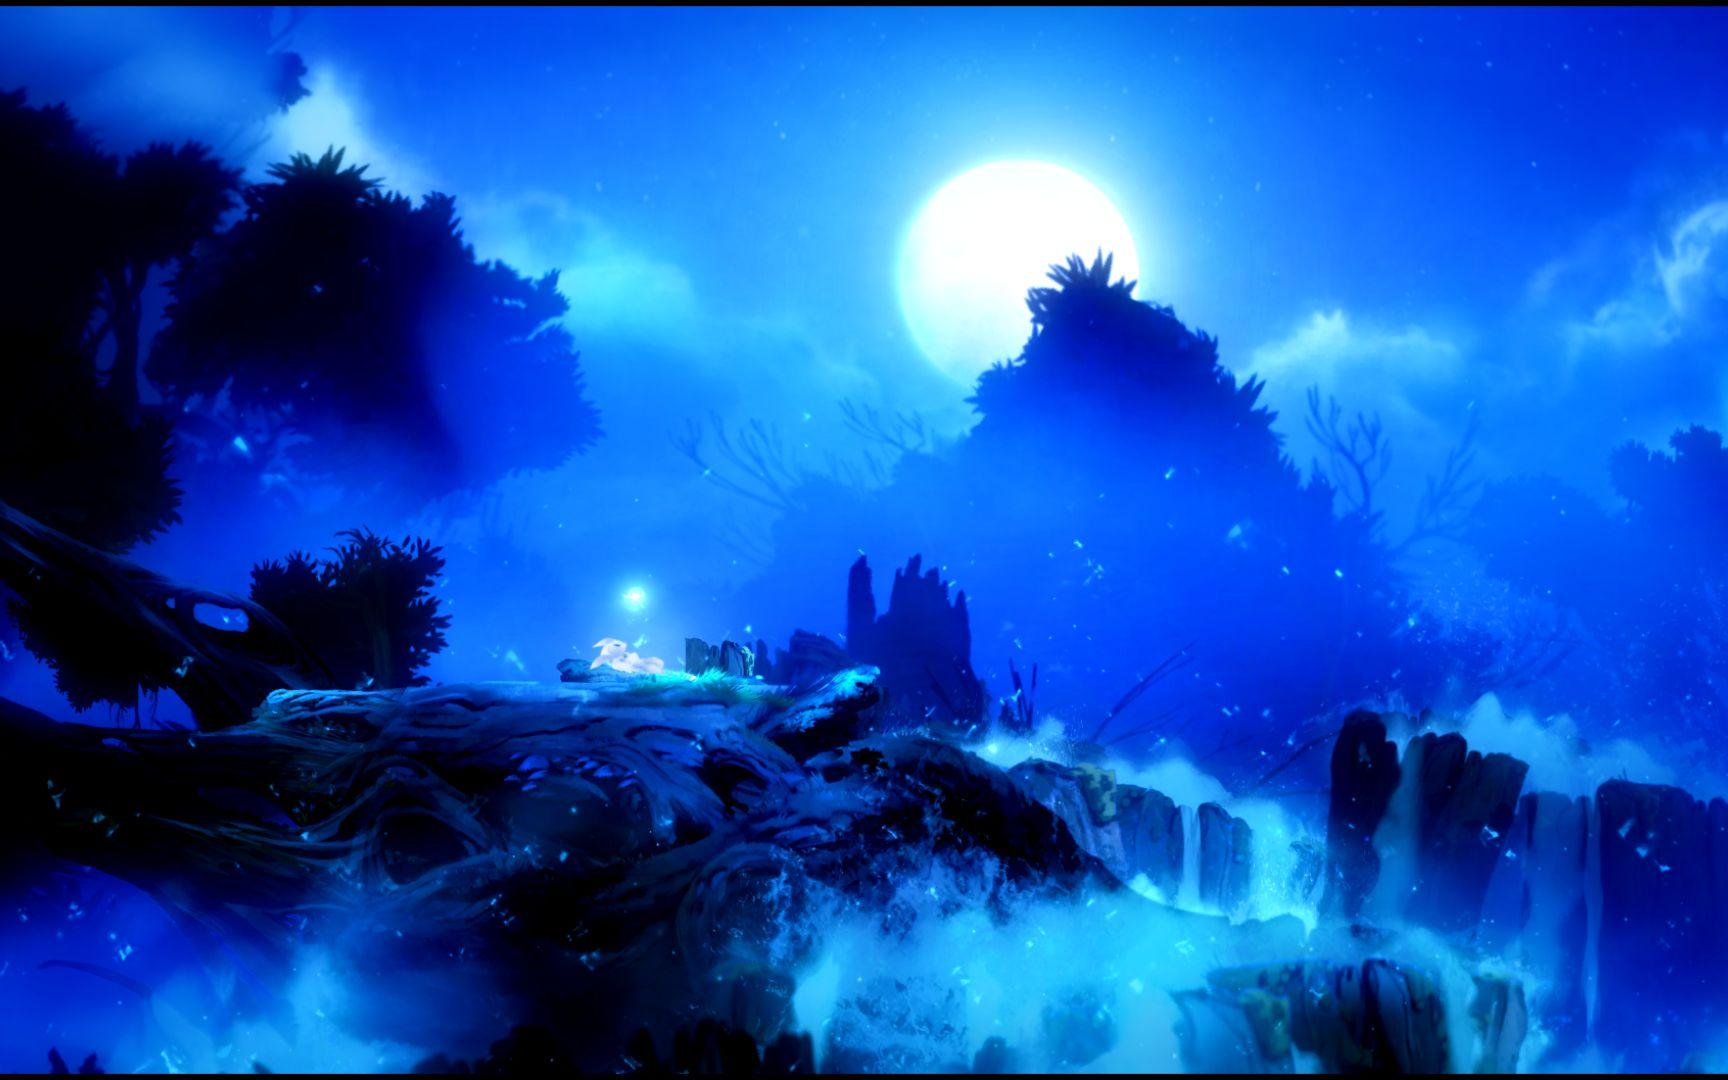 【林红窗】奥日与黑暗森林 - 刷收集成就中 02图片